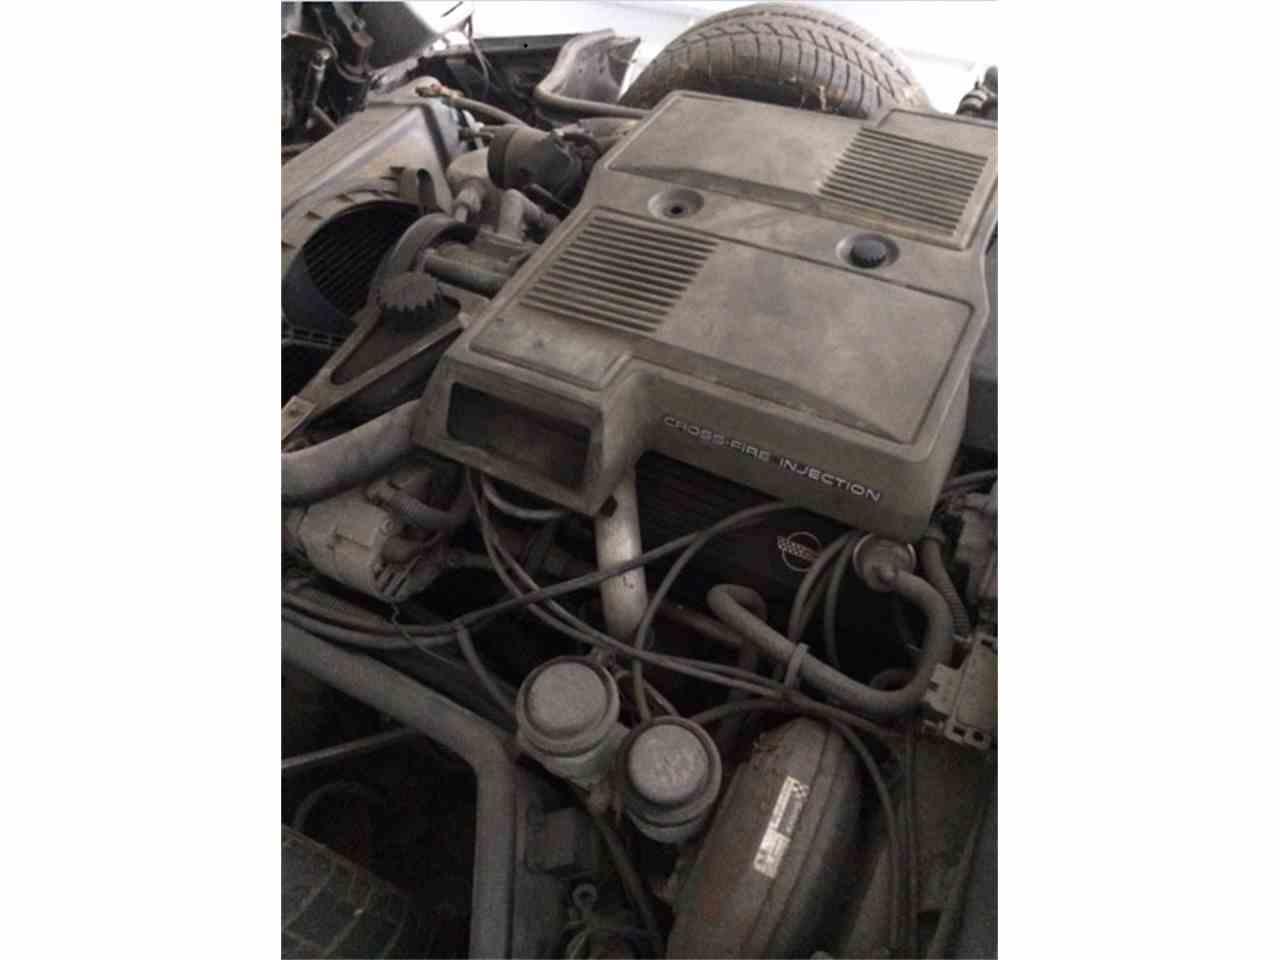 Large Picture of '84 Corvette located in Orange California - $5,000.00 - LF7M